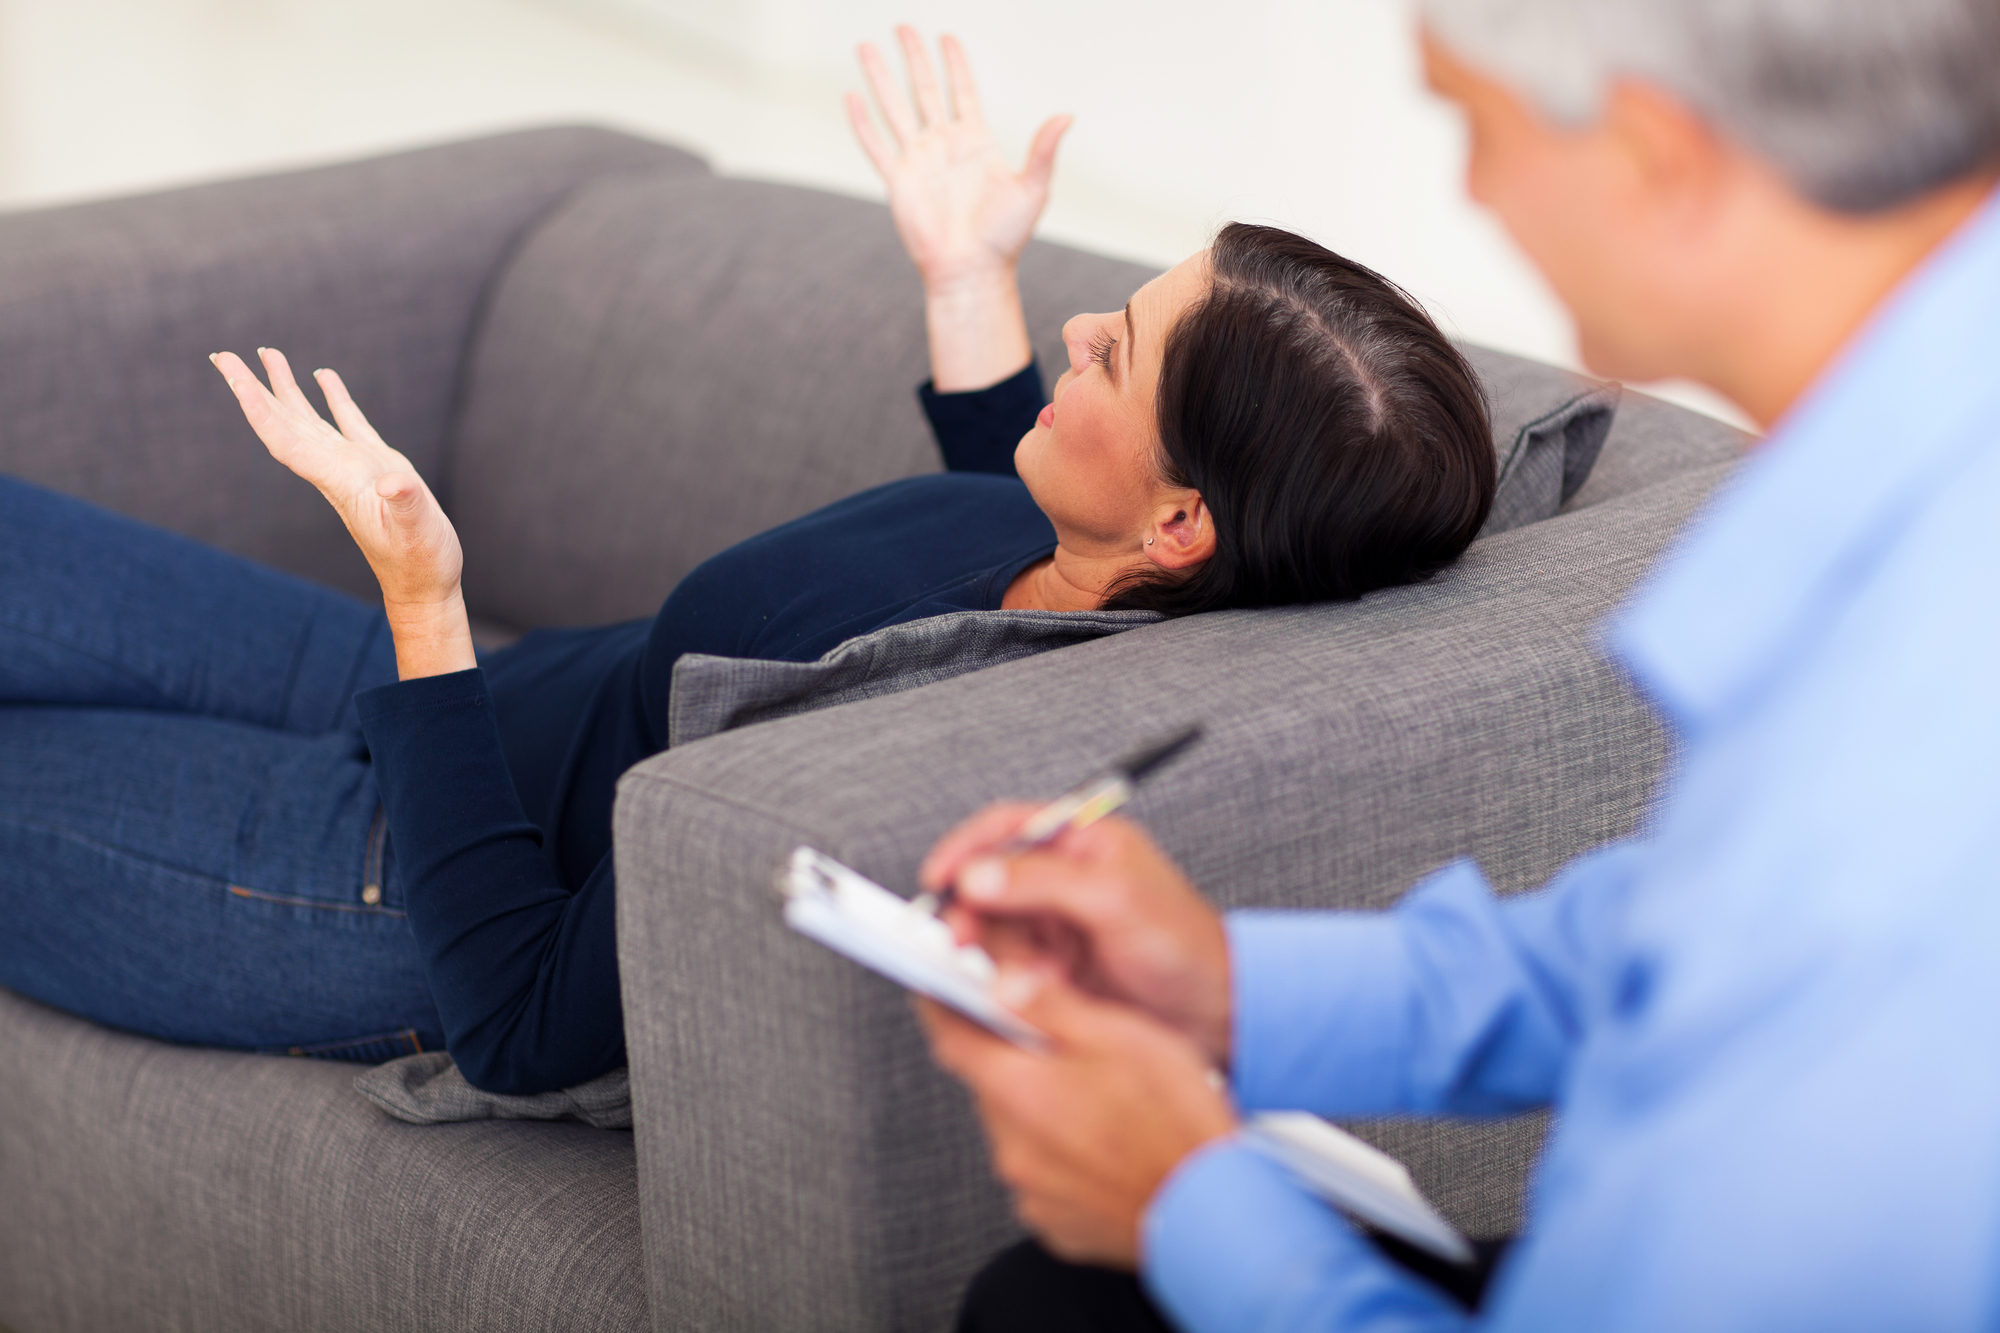 Dịch vụ tư vấn tâm lý trị liệu